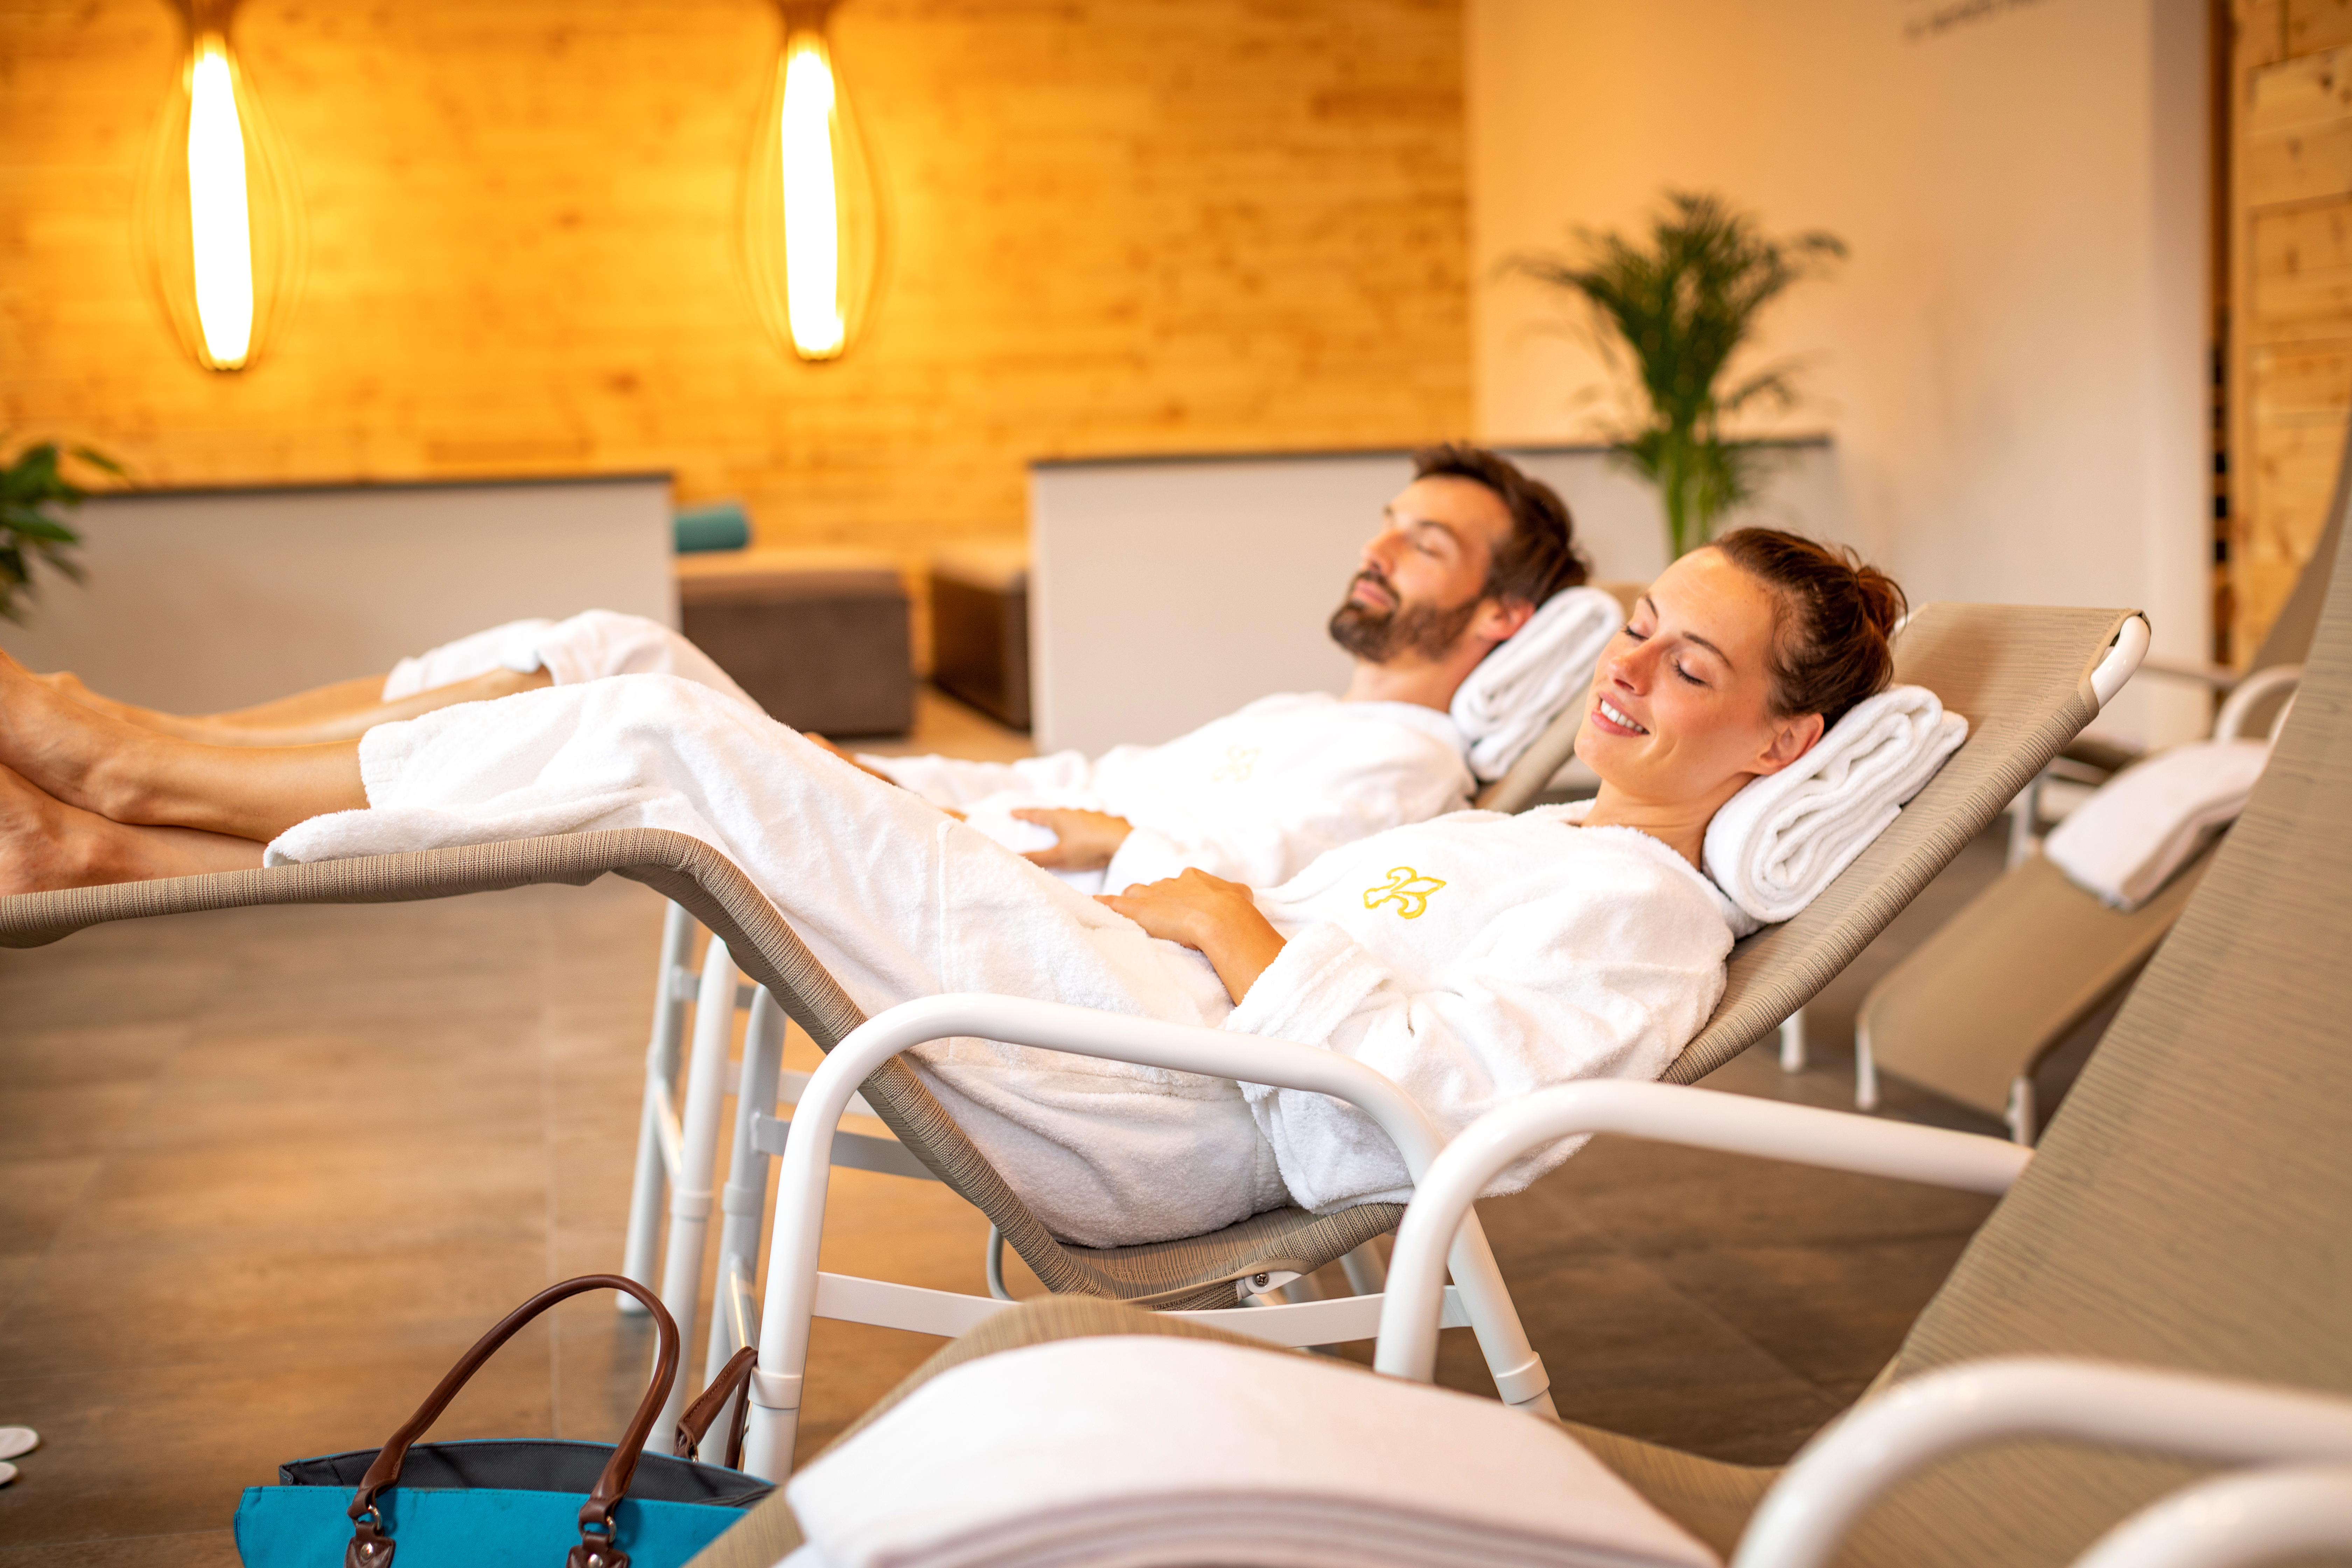 Sie sehen ein Paar, das sich im Ruhebereich der Wellnessanlage des JUFA Alpenhotel Saalbach**** entspannt. JUFA Hotels bietet erholsamen Familienurlaub und einen unvergesslichen Winter- und Wanderurlaub.